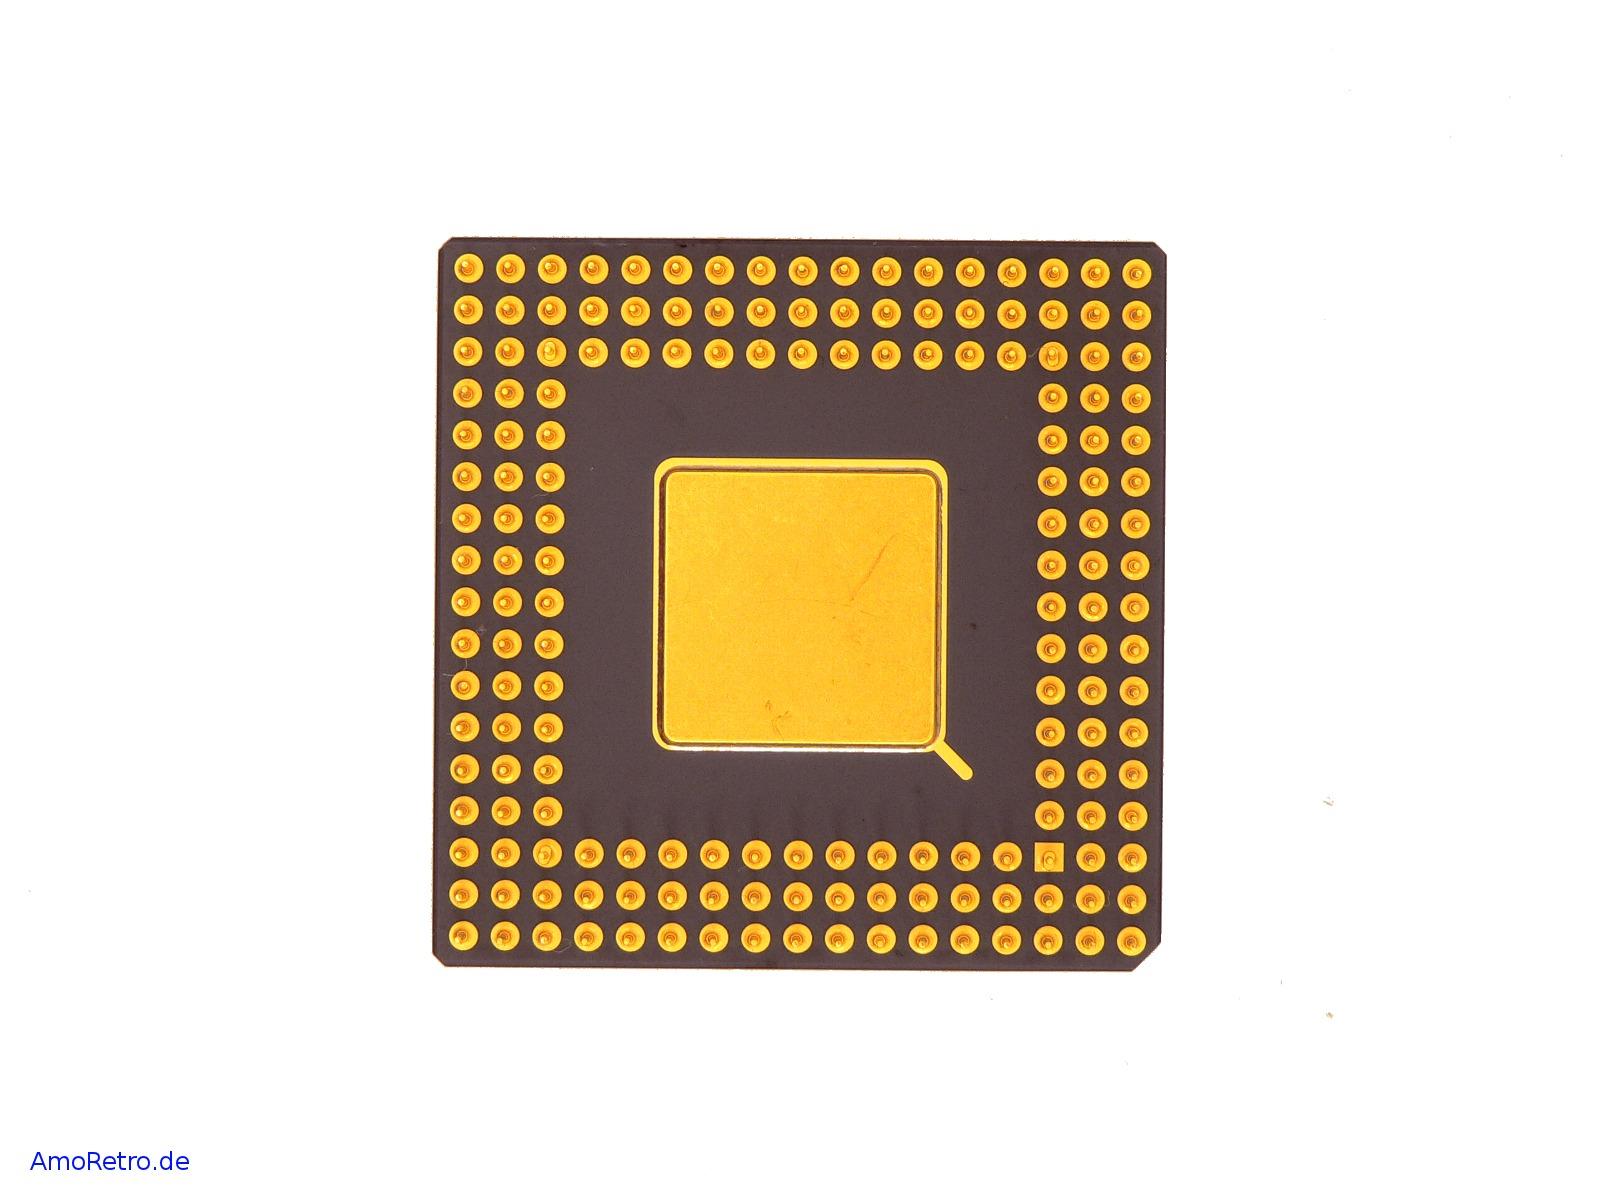 Am5x86